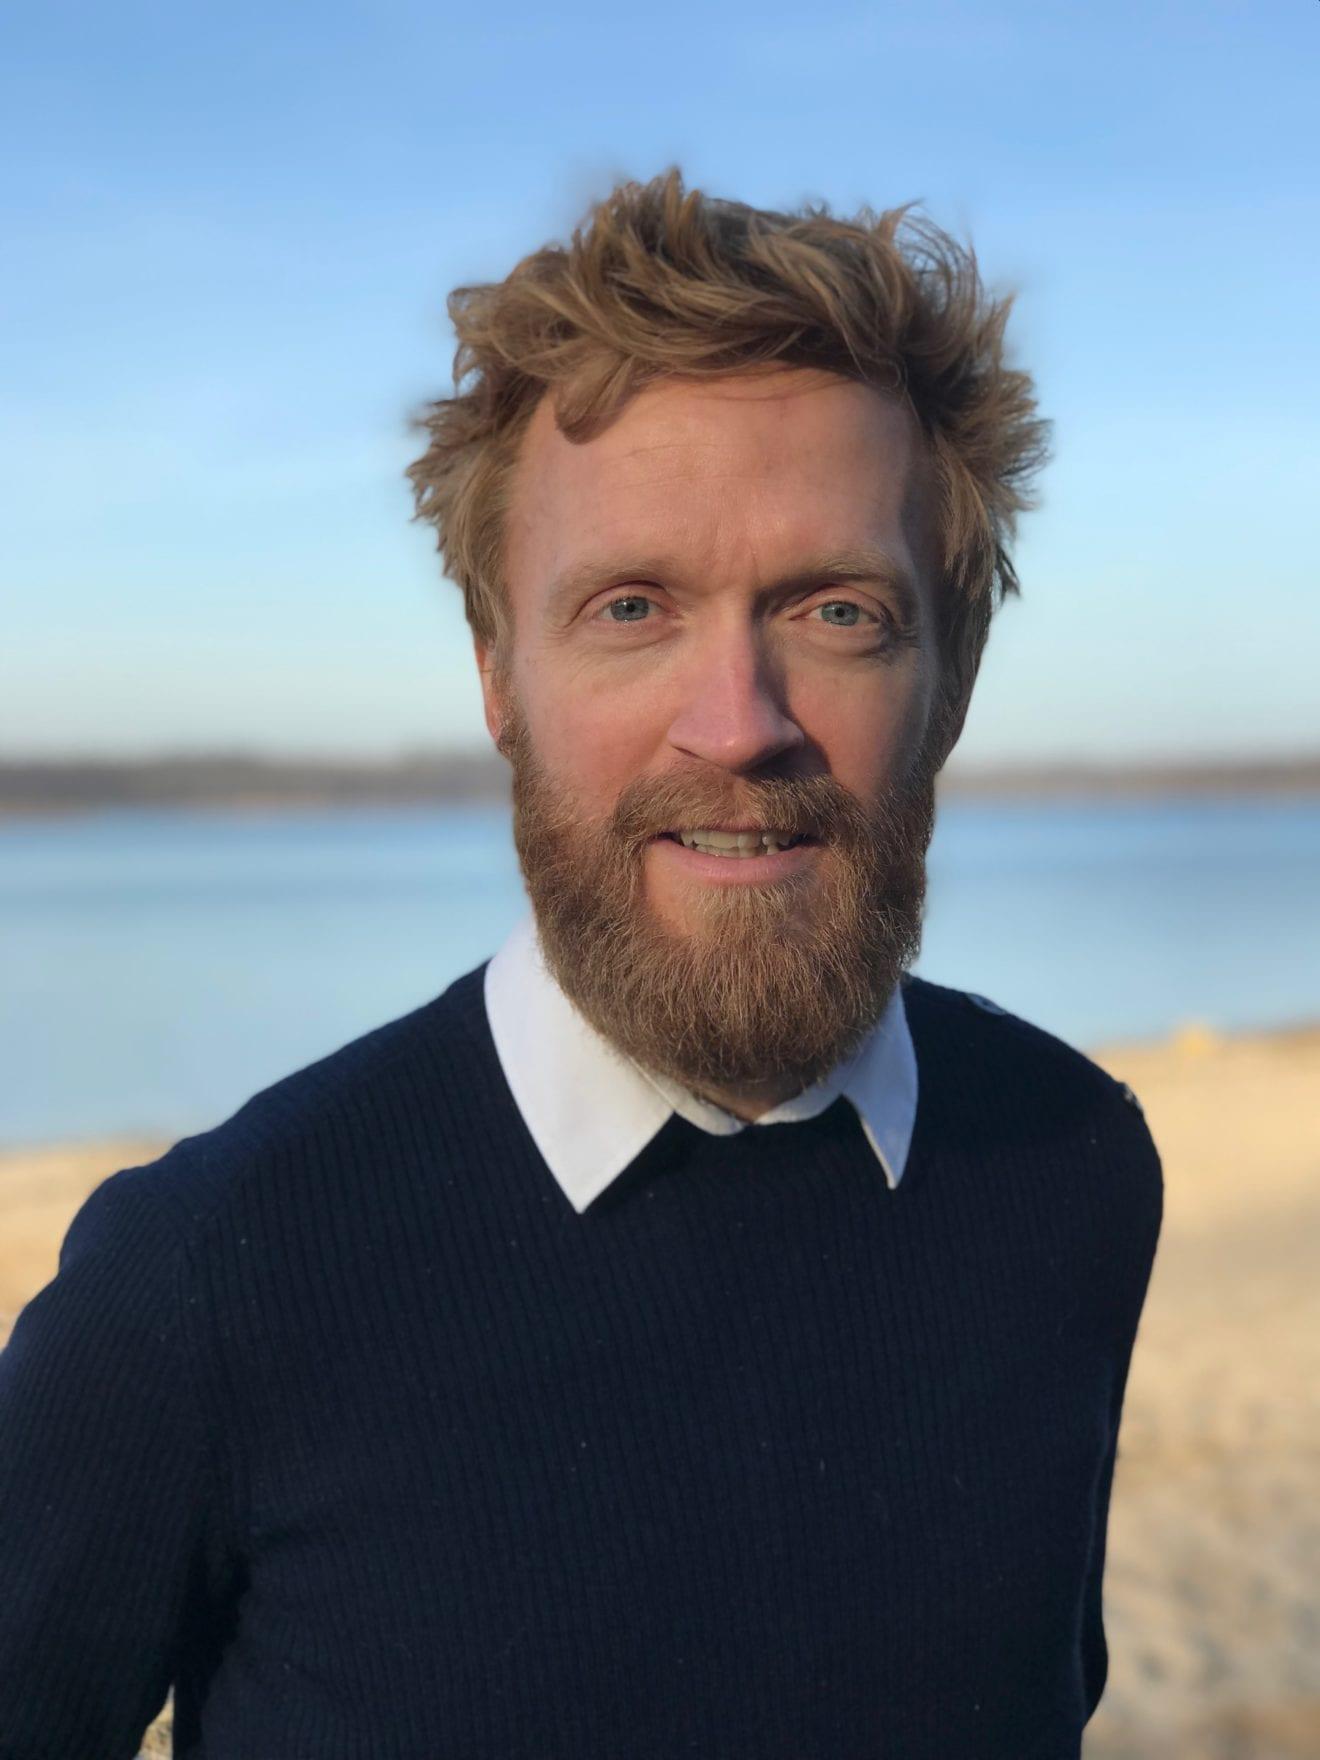 Ny kampagne skal få flere danskere til at opleve Fjordlandet